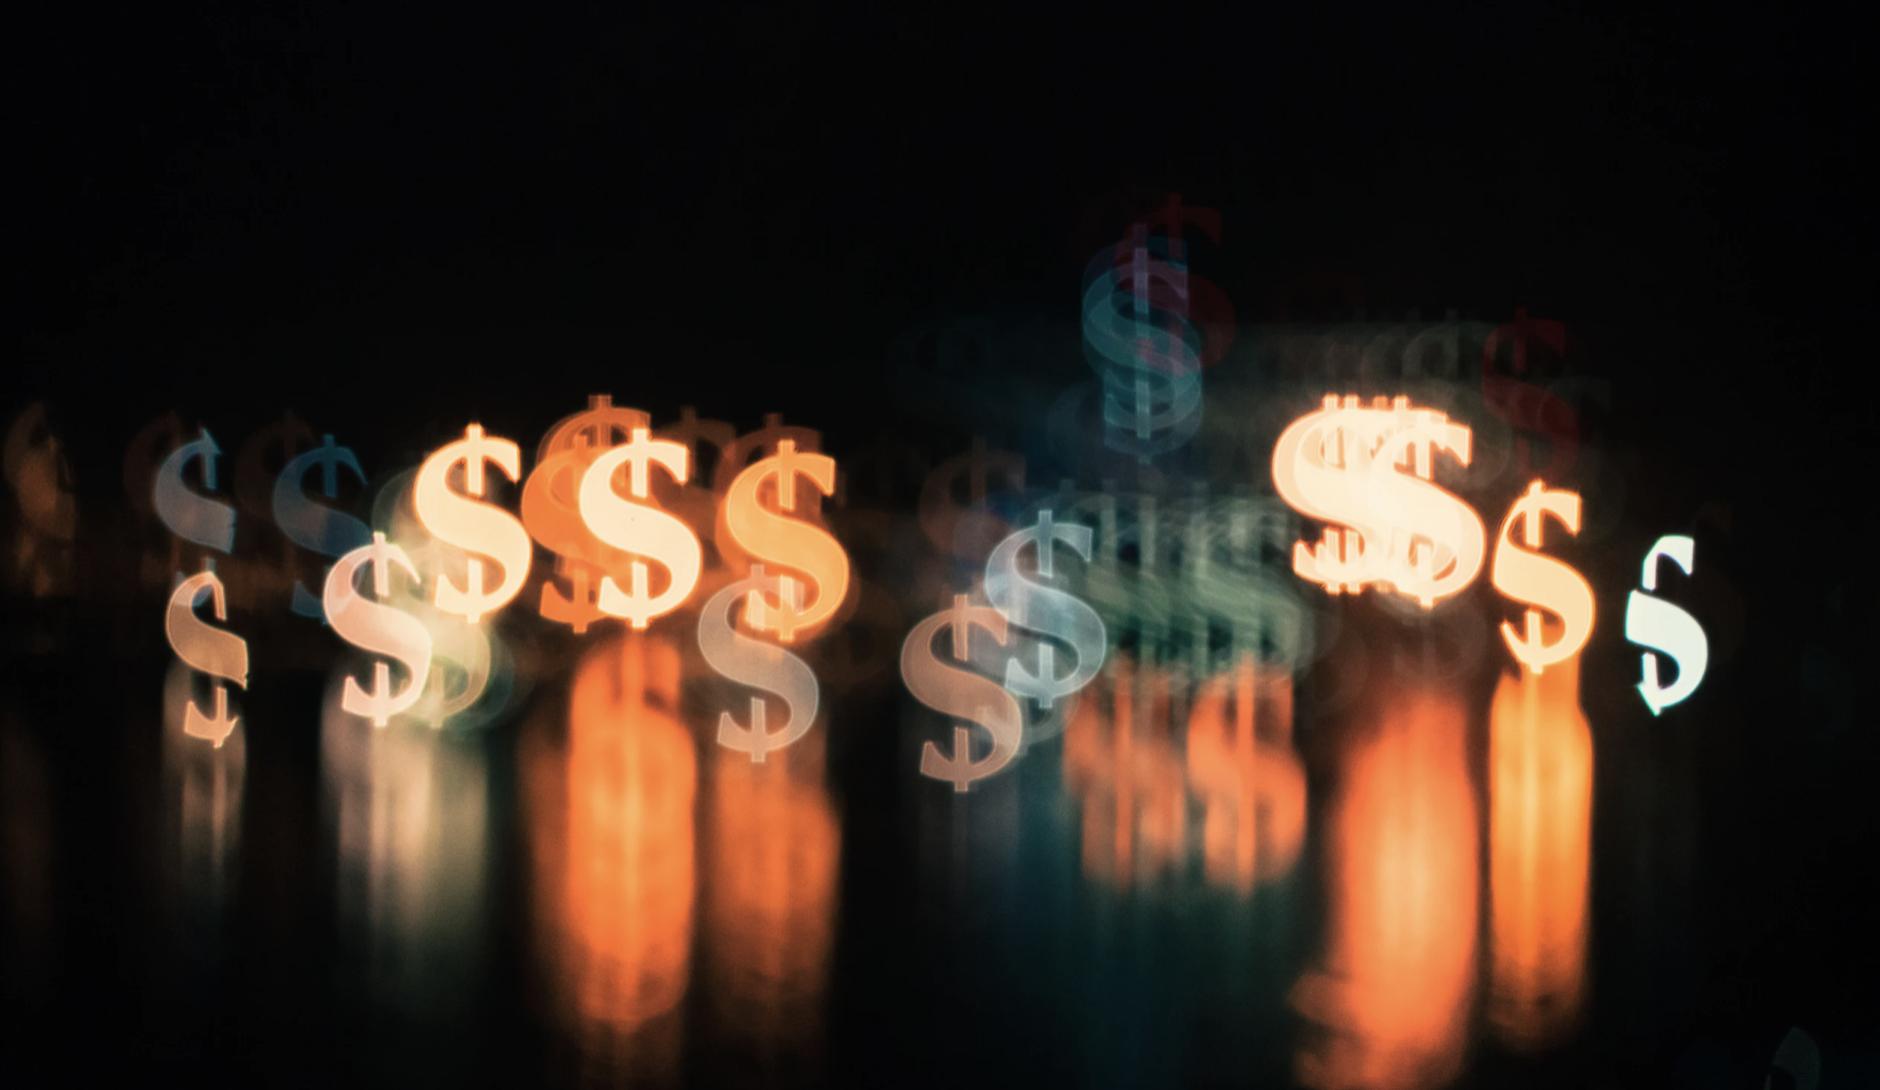 Rekordowe wyniki finansowe NTT System za 2020 rok